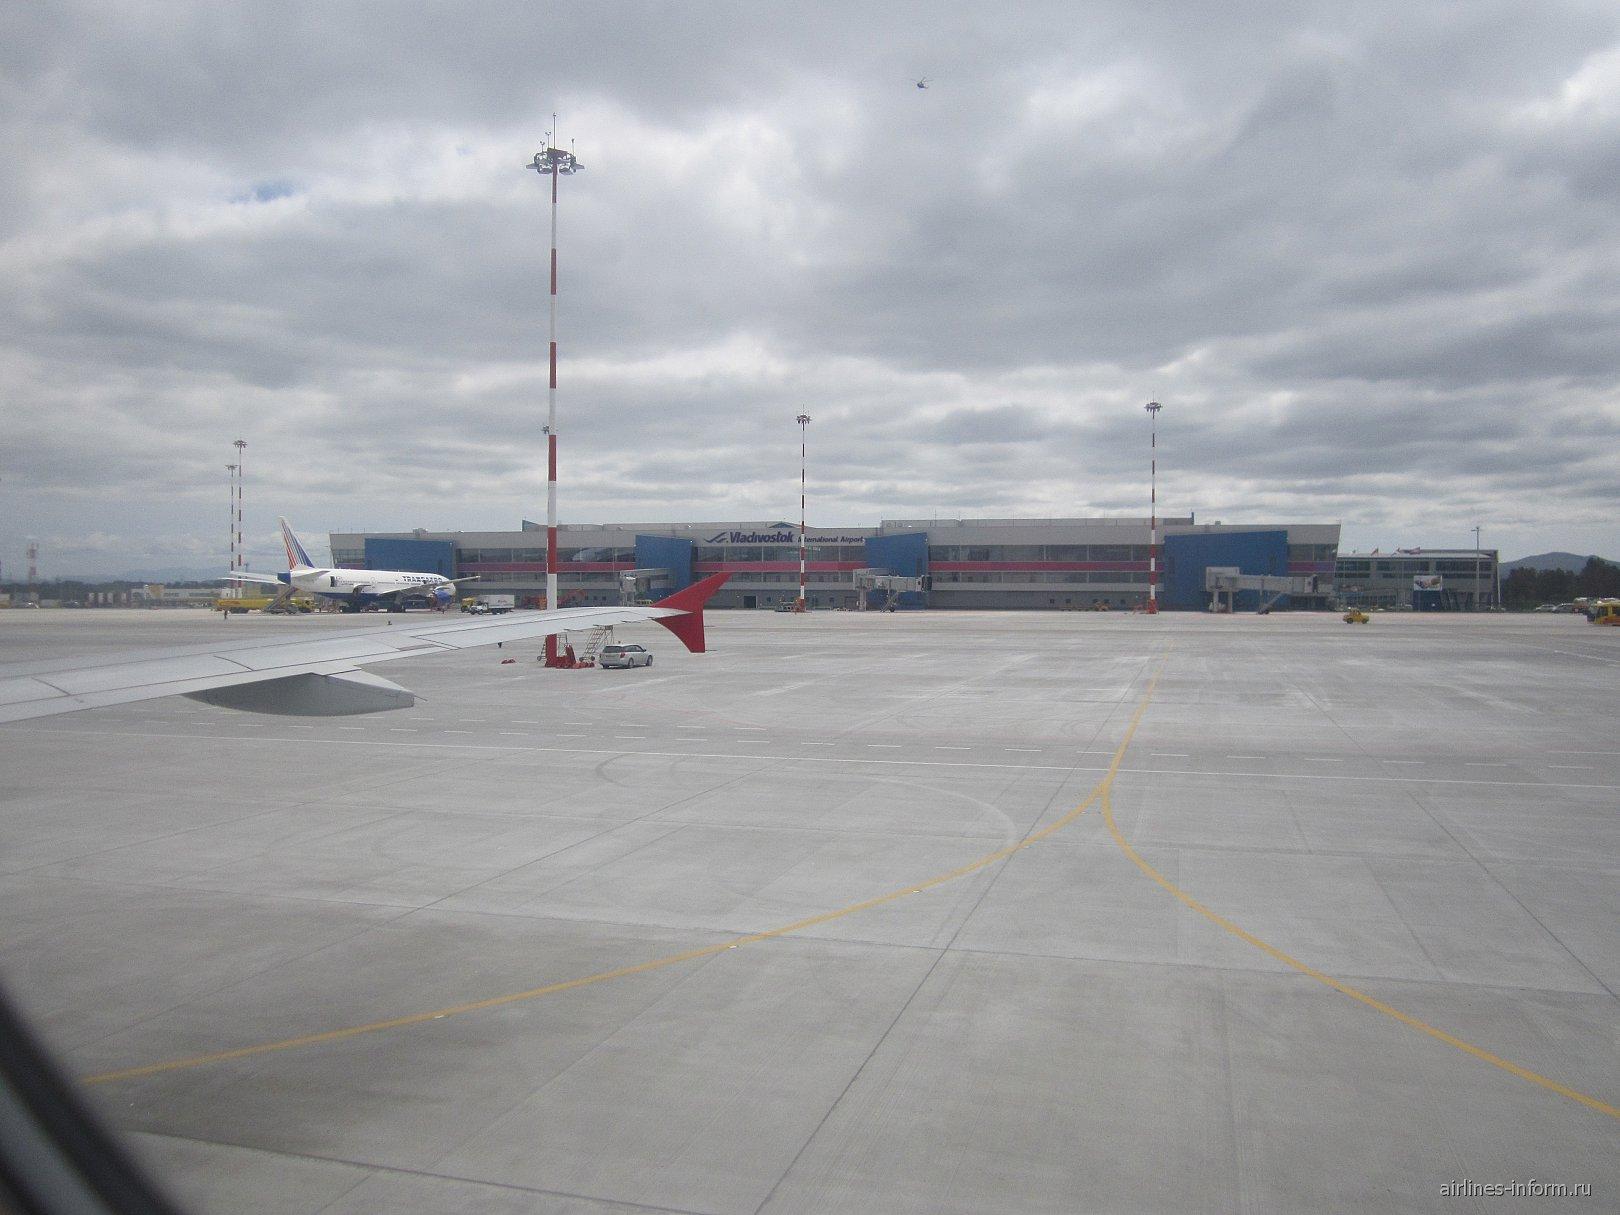 новый терминал Аэропорта Владивостока, сам же полет осуществлялся из старого терминала, фото к сожаления не сделал